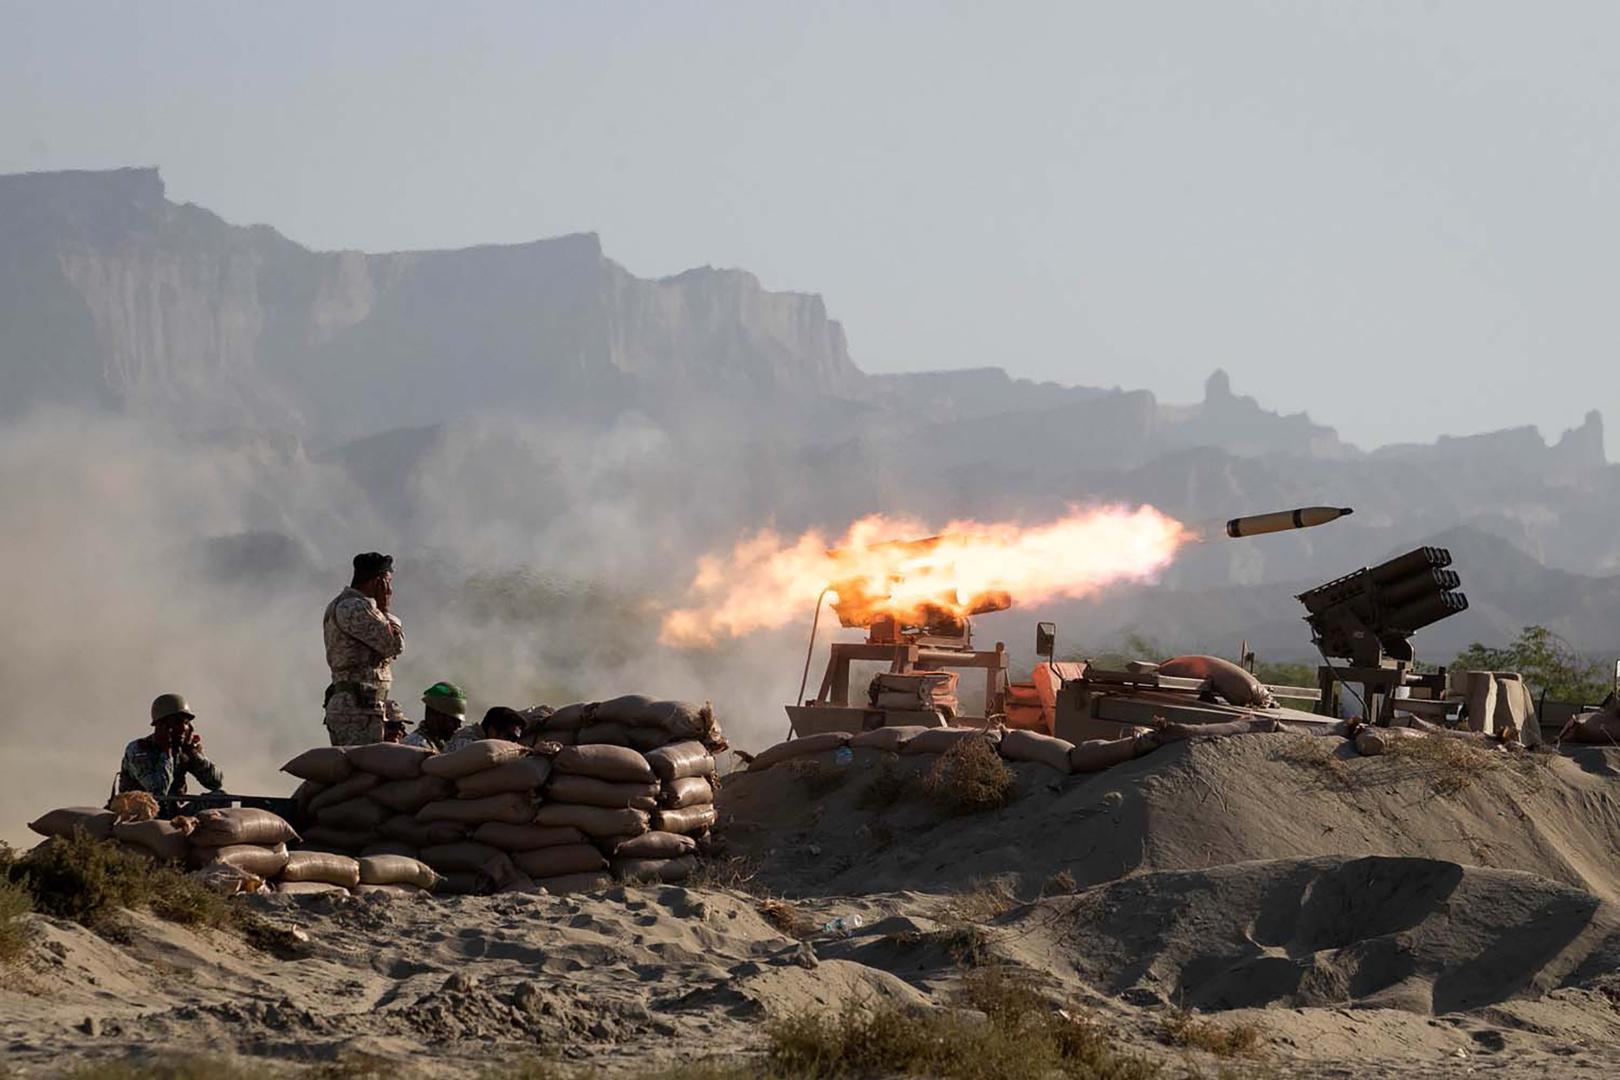 محلل عسكري: الوضع بين إيران وإسرائيل قد يؤدي إلى حرب شاملة